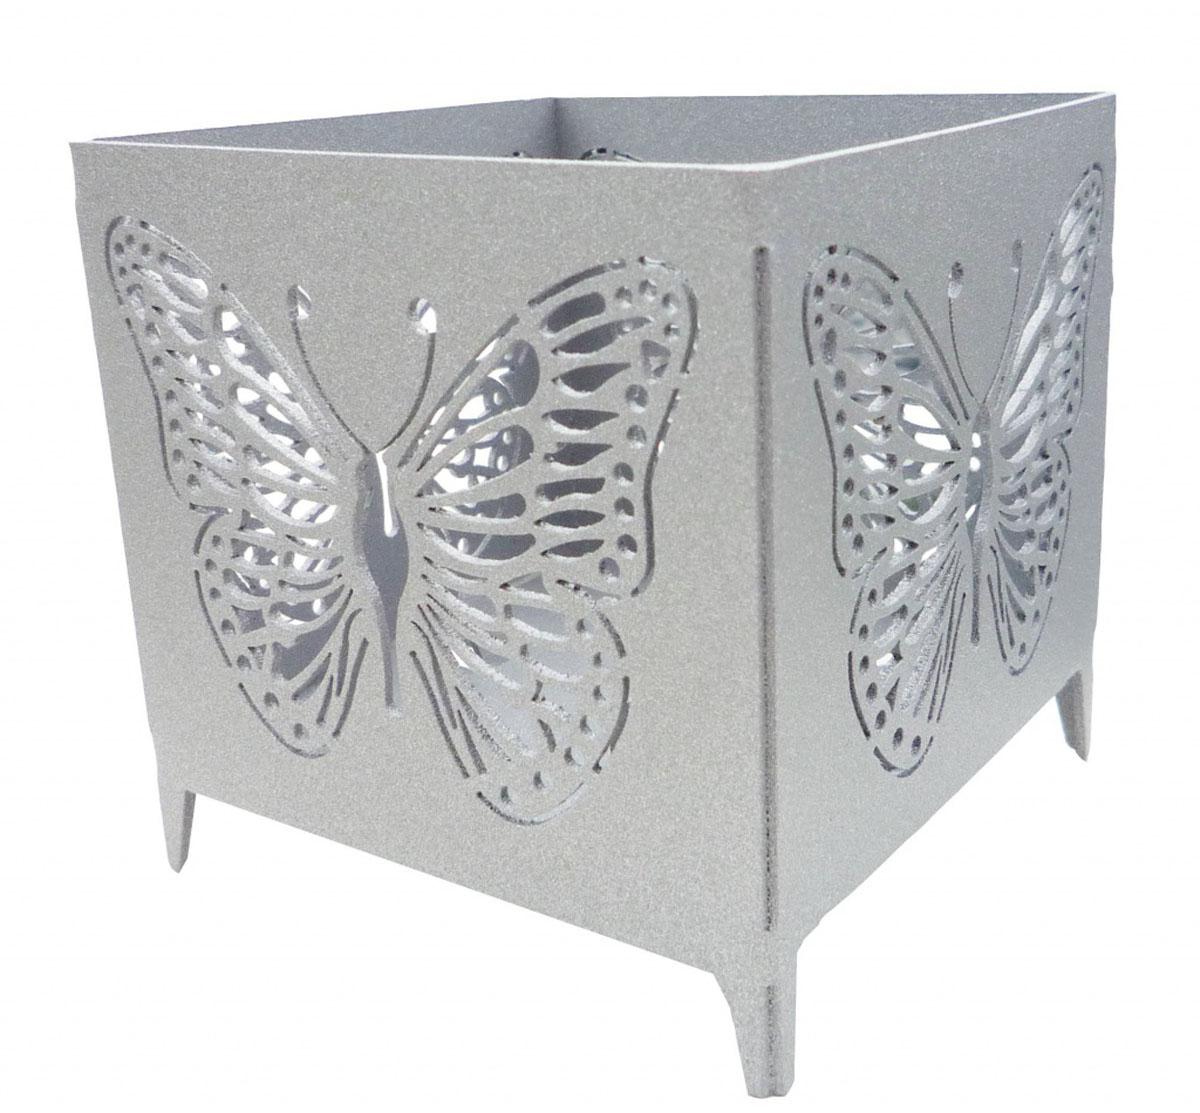 Подсвечник Gala, цвет: серебряный, 7 х 7 х 7 смPS013-SПодсвечник станет прекрасным украшением вашего дома. Украшен перфорацией в форме бабочки